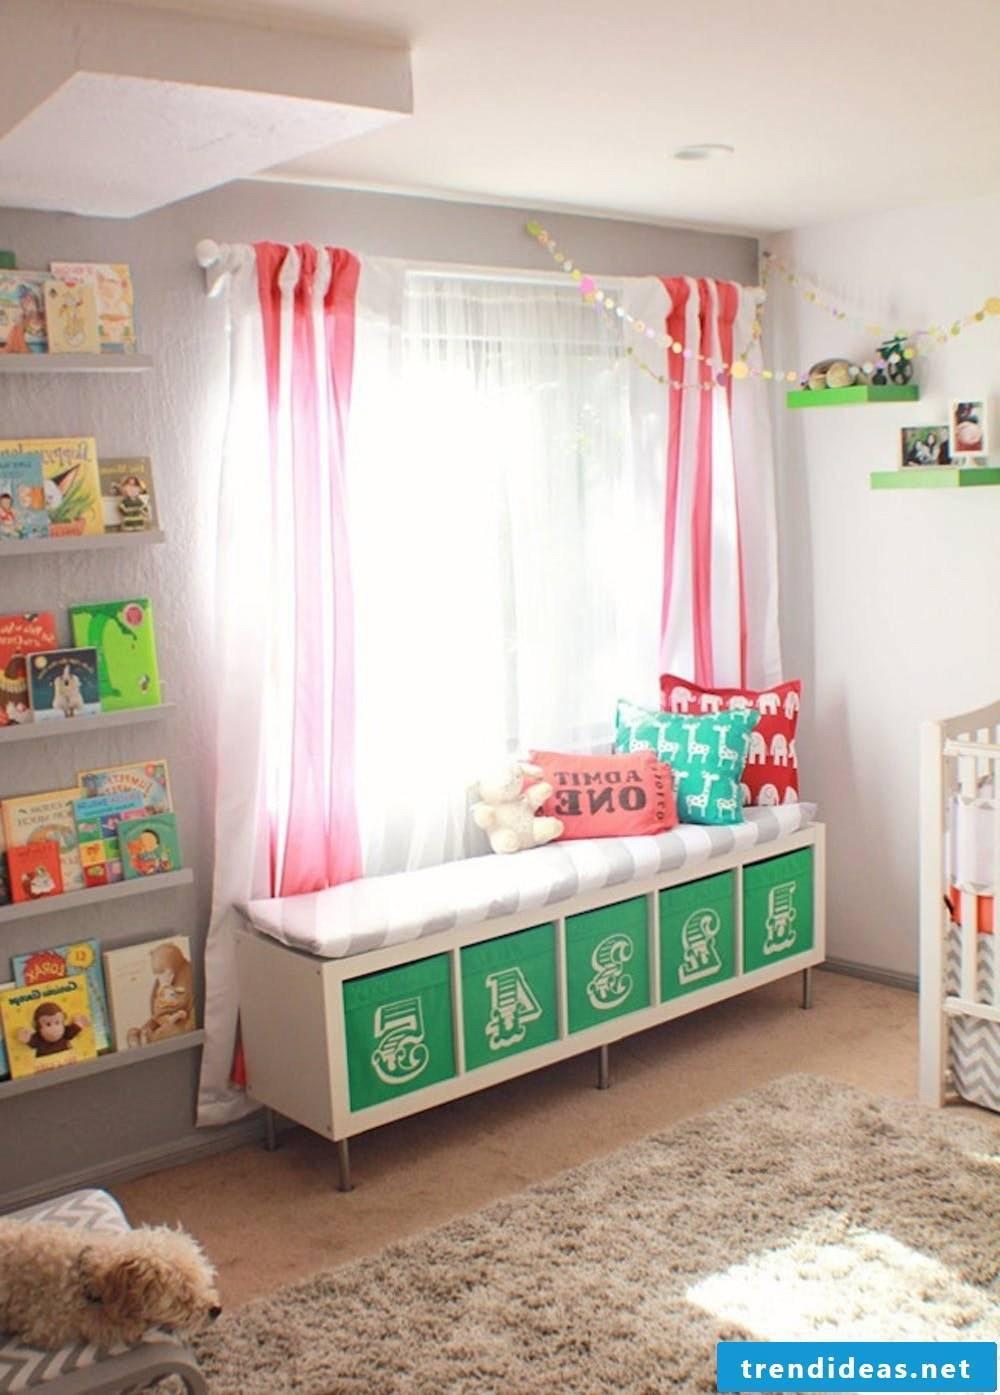 DIY window couch from Ikea cabinets - Ikea Besta shelf or bookshelf